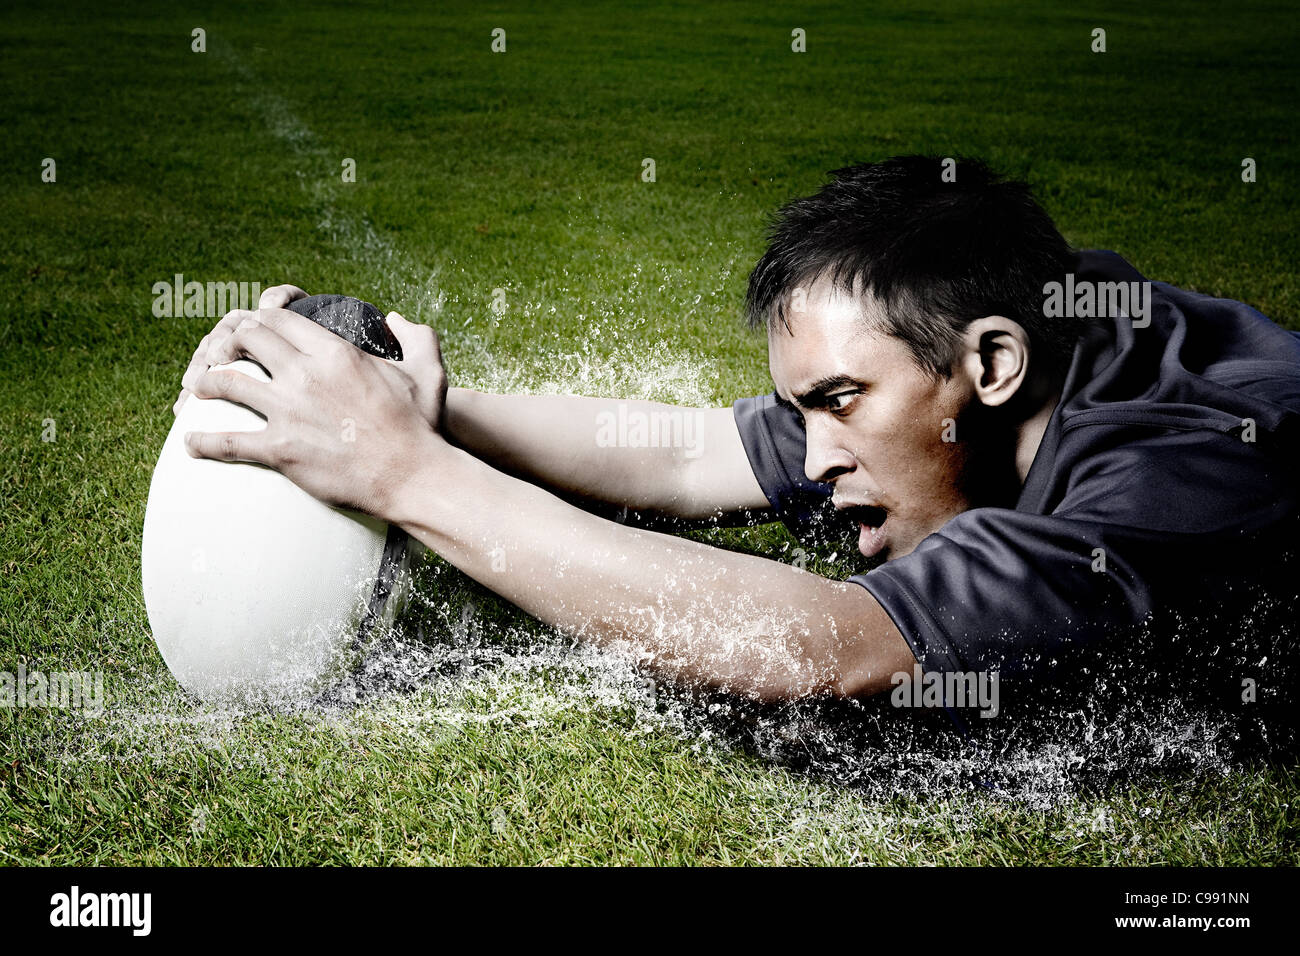 Giocatore di Rugby sul campo umido Immagini Stock